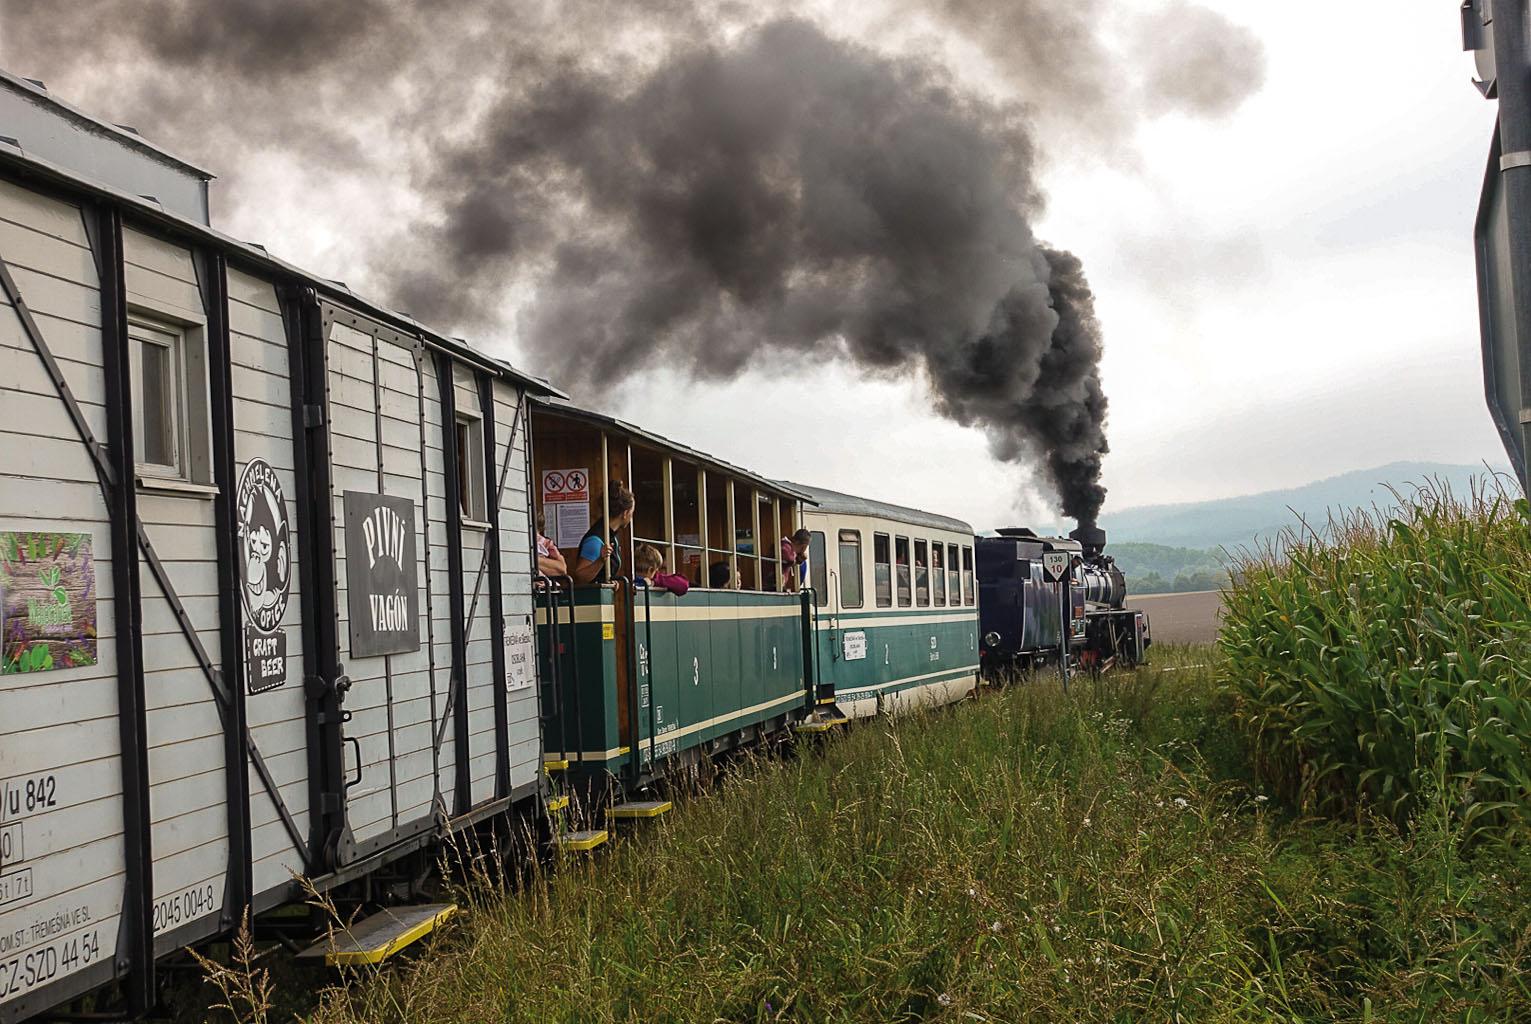 ©Foto: Jan Krehl   railmen   Räuber, Bögen, schmale Gleise – seit über 122 Jahren erschließt eine Schmalspurbahn den nordöstlichsten Zipfel Tschechiens zwischen Tremsna und Osoblaha (Röwersdorf-Hotzenplotz).